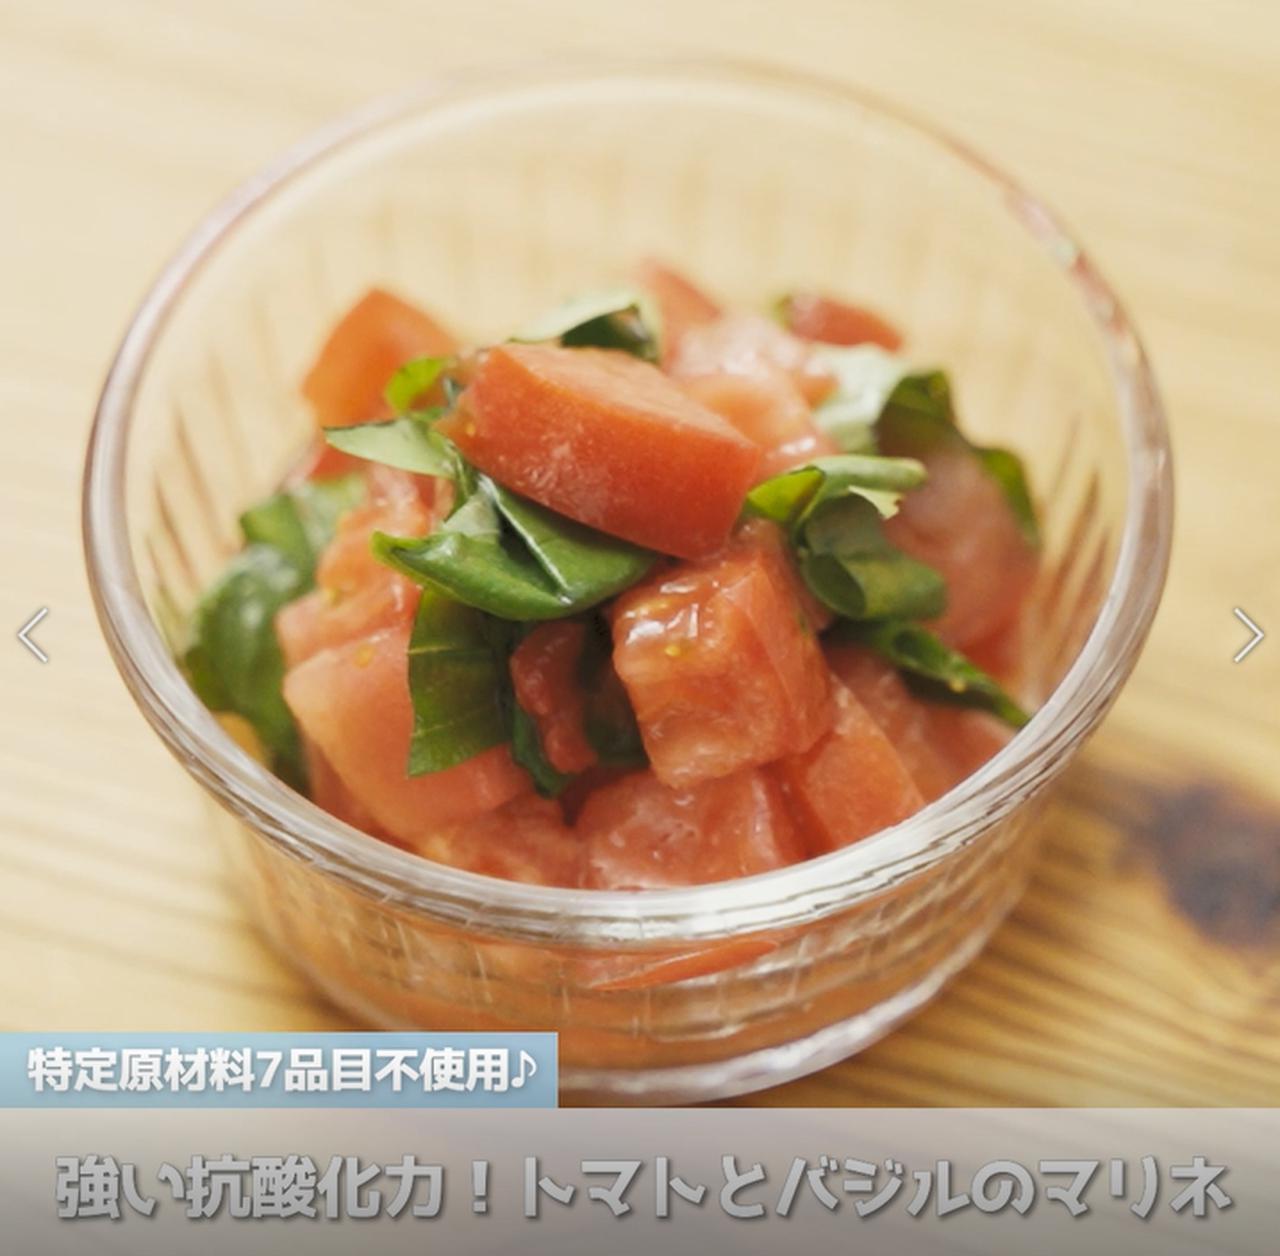 画像: さっぱり食べやすいトマトとバジルのマリネ - 君とごはん